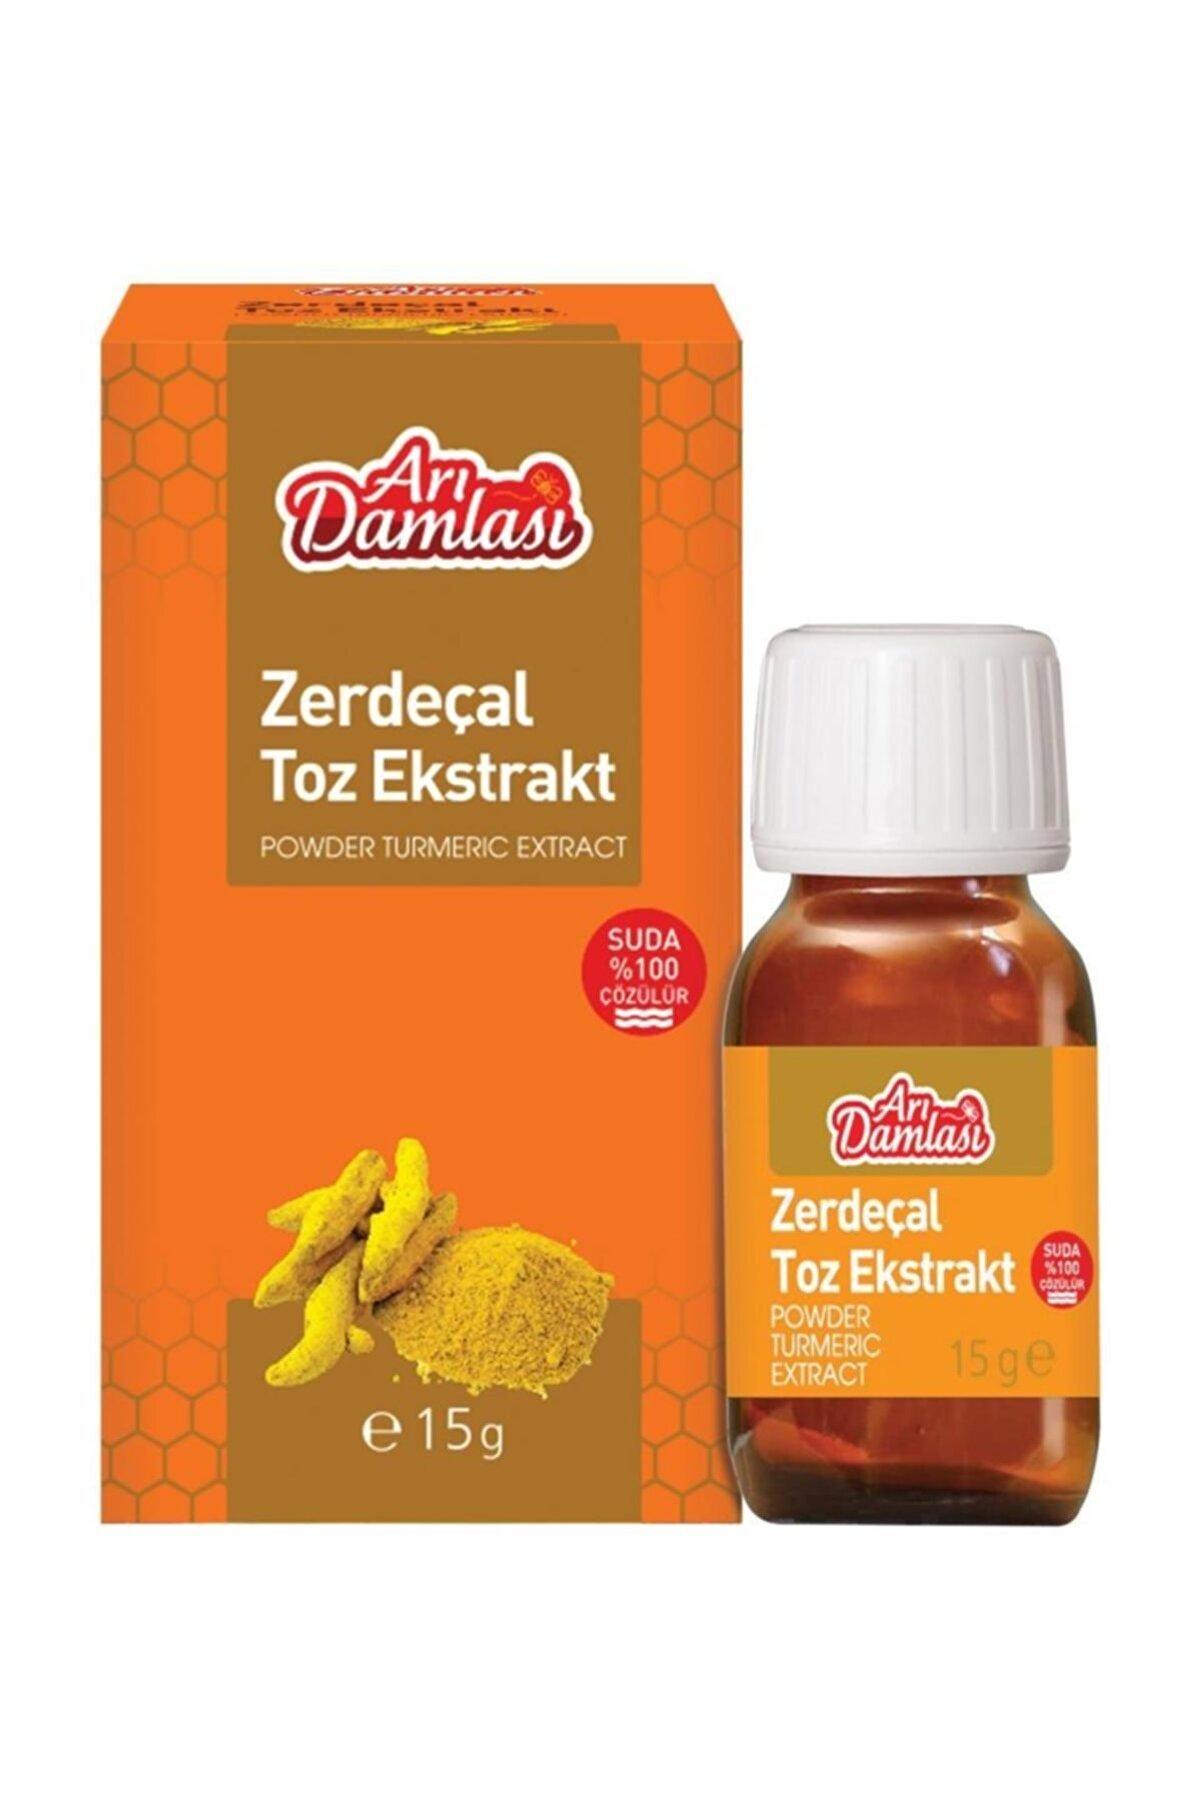 Arı damlası Zerdeçal Toz Ekstrakt 15 gr